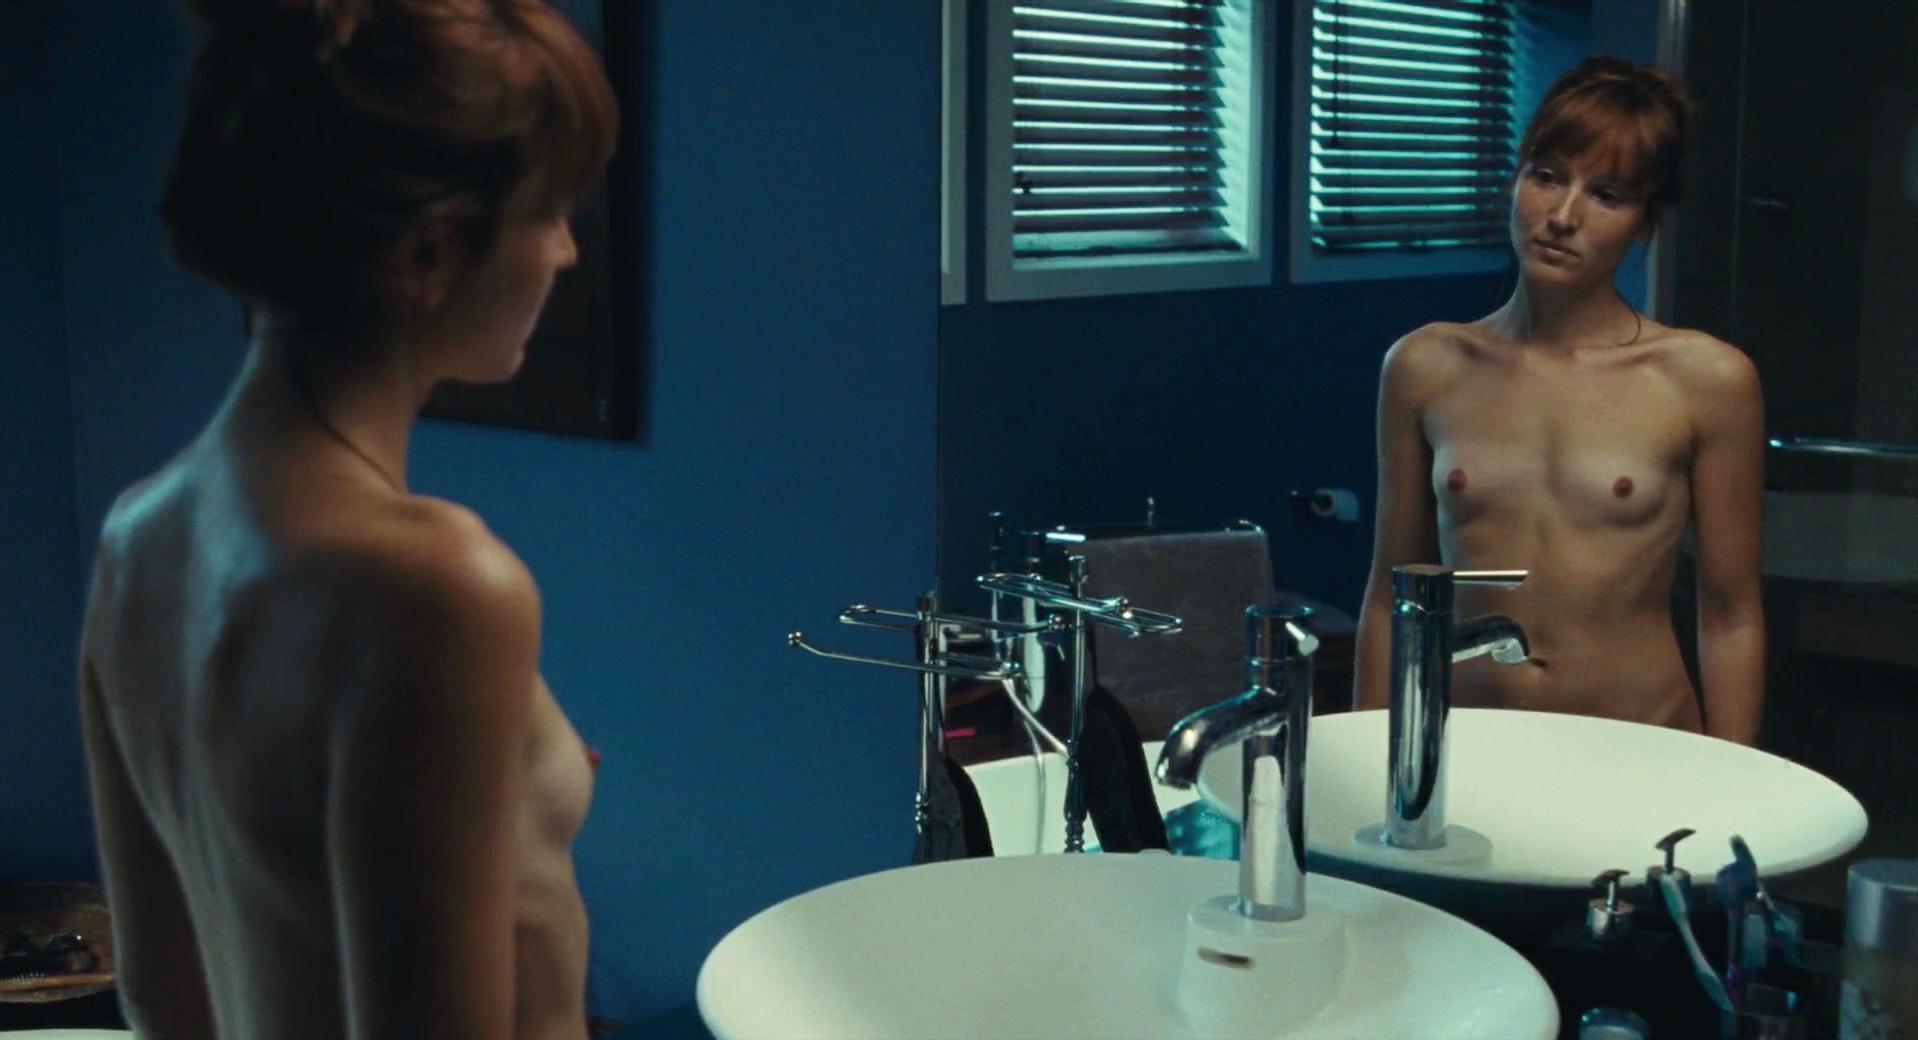 Anais demoustier nude une nouvelle amie 2014 - 1 part 5